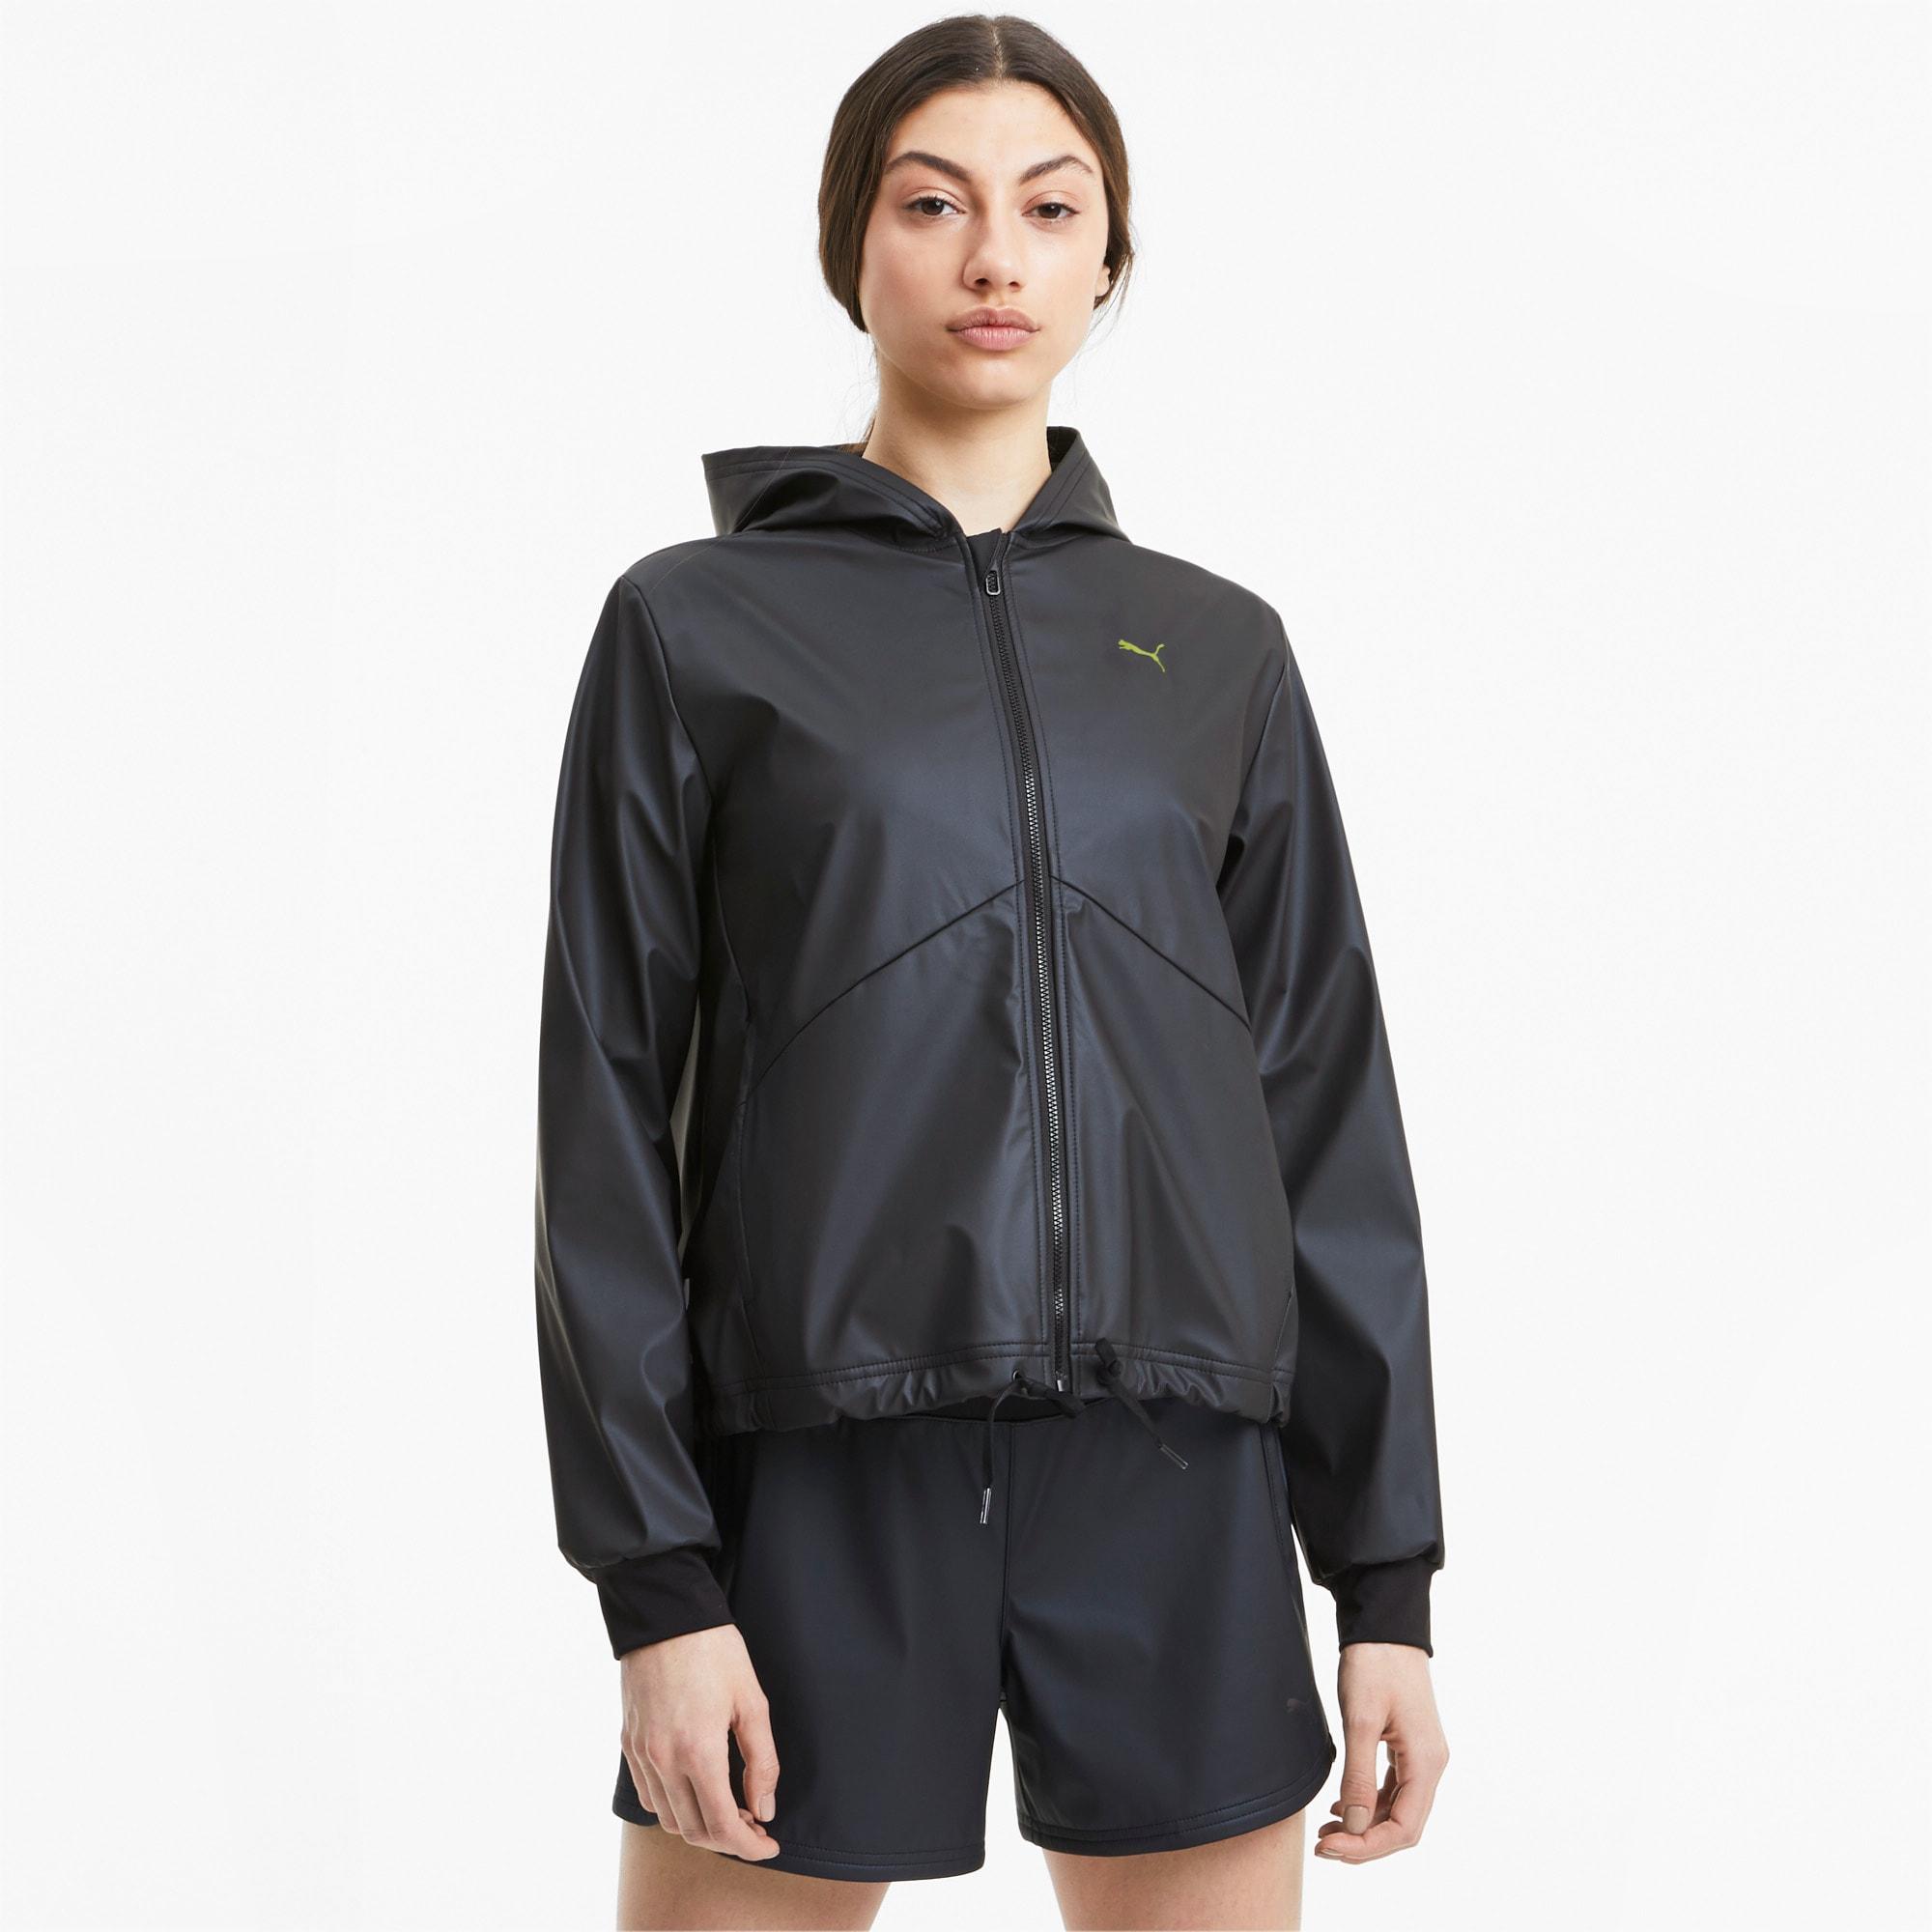 puma -  Warm-Up Shimmer Damen Trainingsjacke mit Kapuze | Mit Aucun | Schwarz | Größe: L